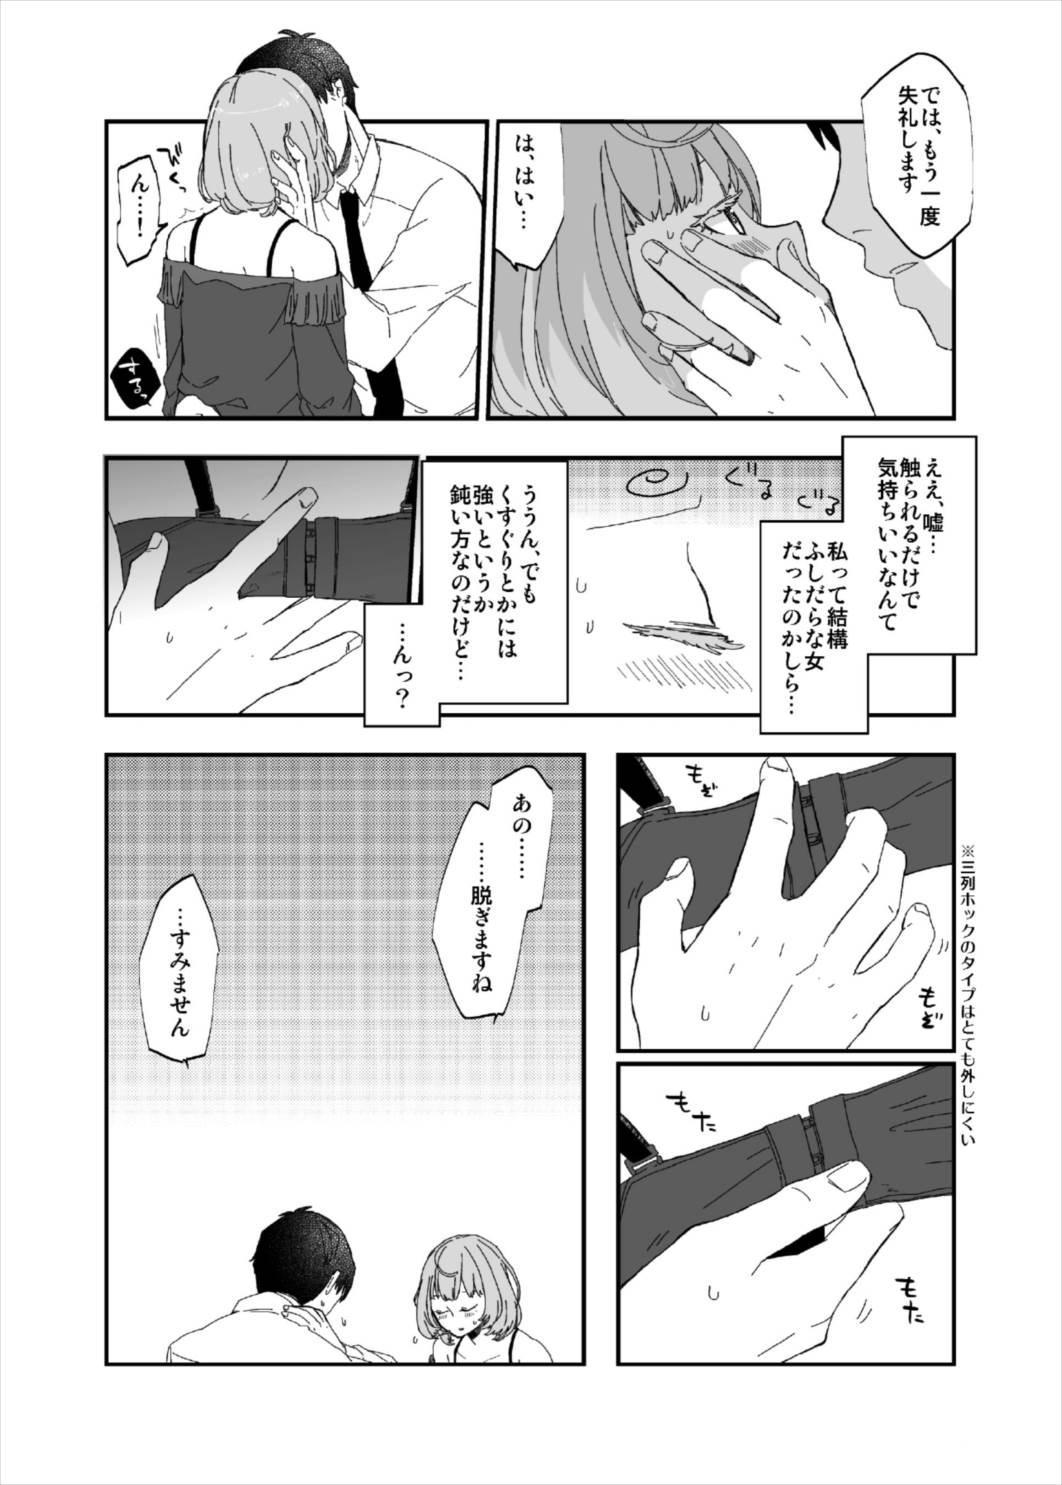 Takeuchi P to Takagaki Kaede-san ga Hatsu H de Mechakucha Ichaicha Suru Hon 6